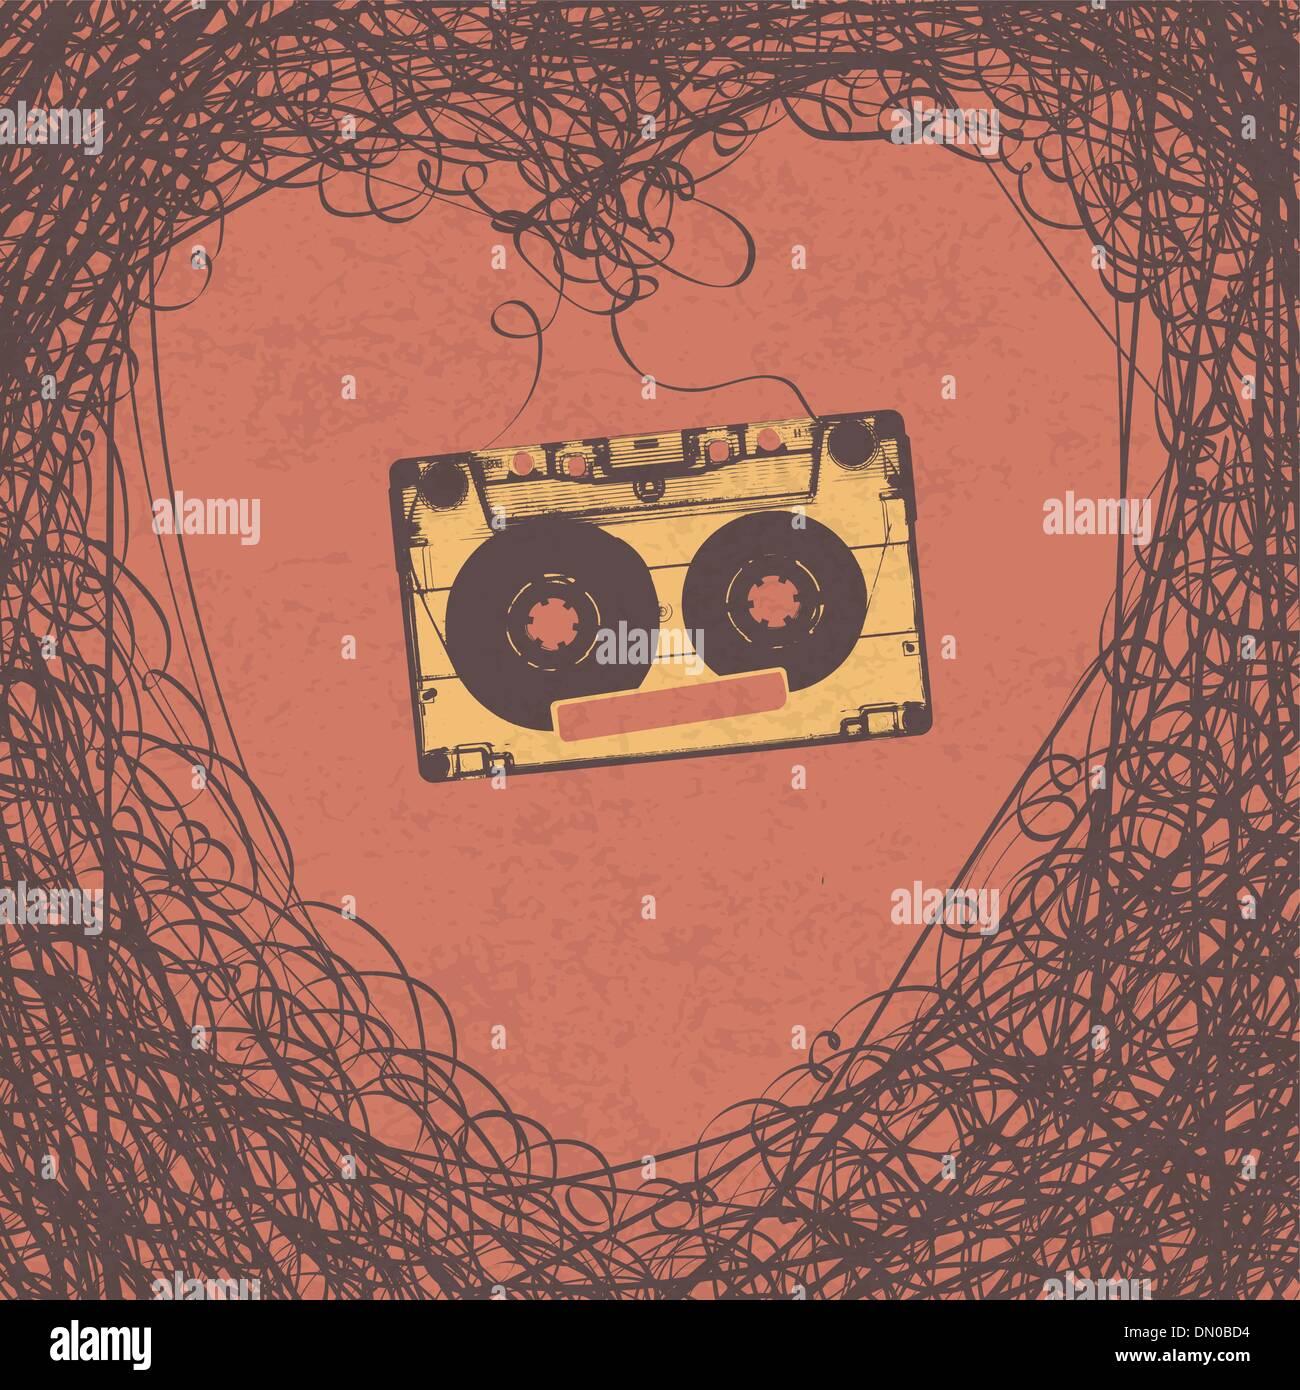 Liebevollen Retro-Musik-Retro-Poster-Design. Vektor, EPS10 Stockbild